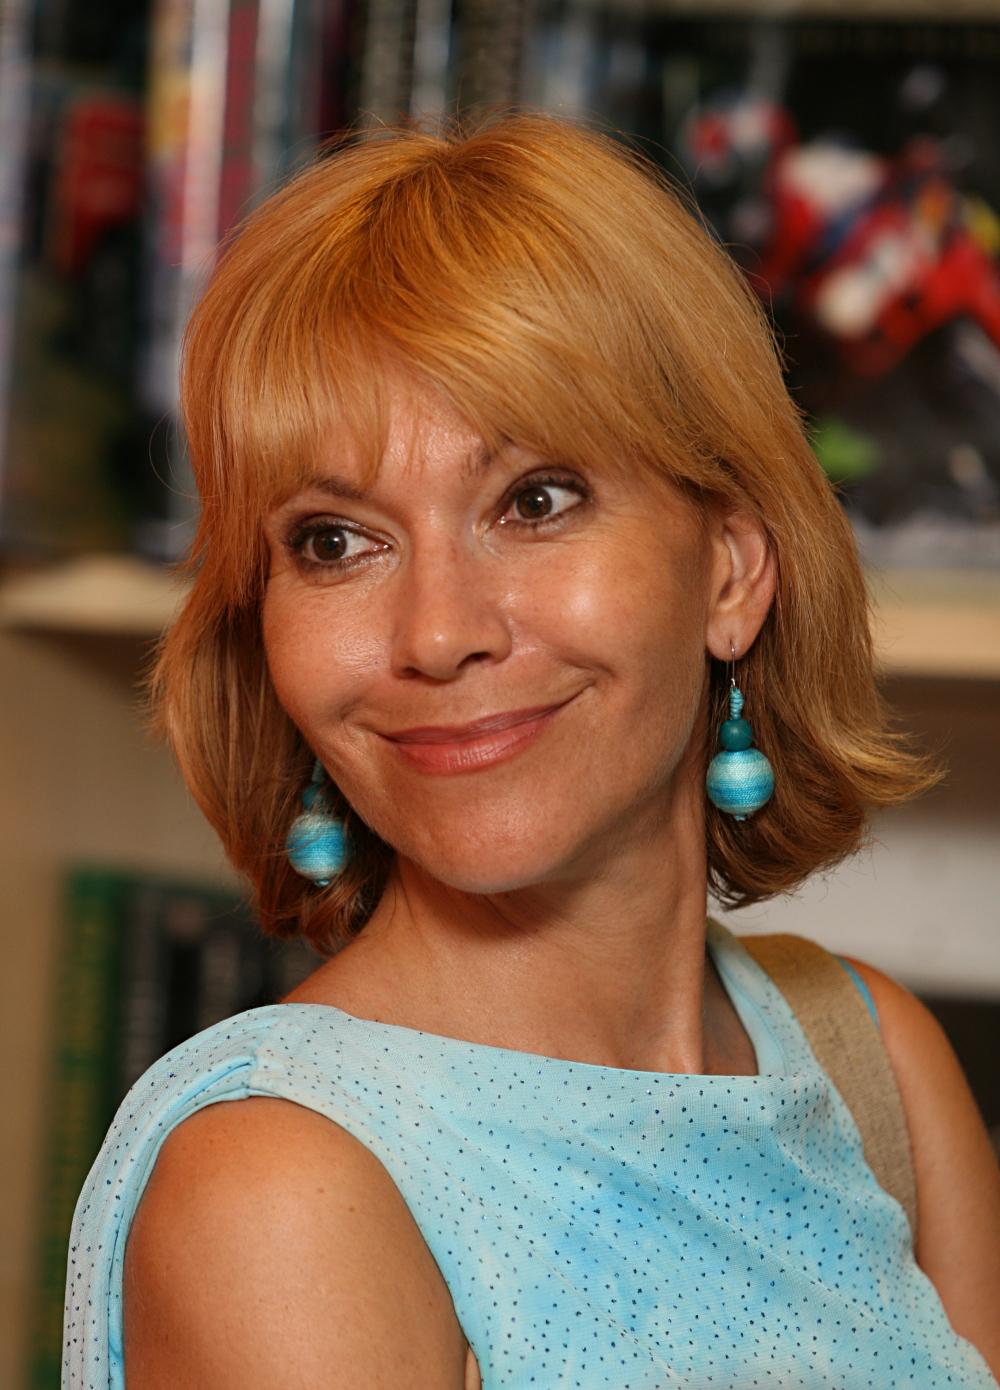 Michaela Dolinova